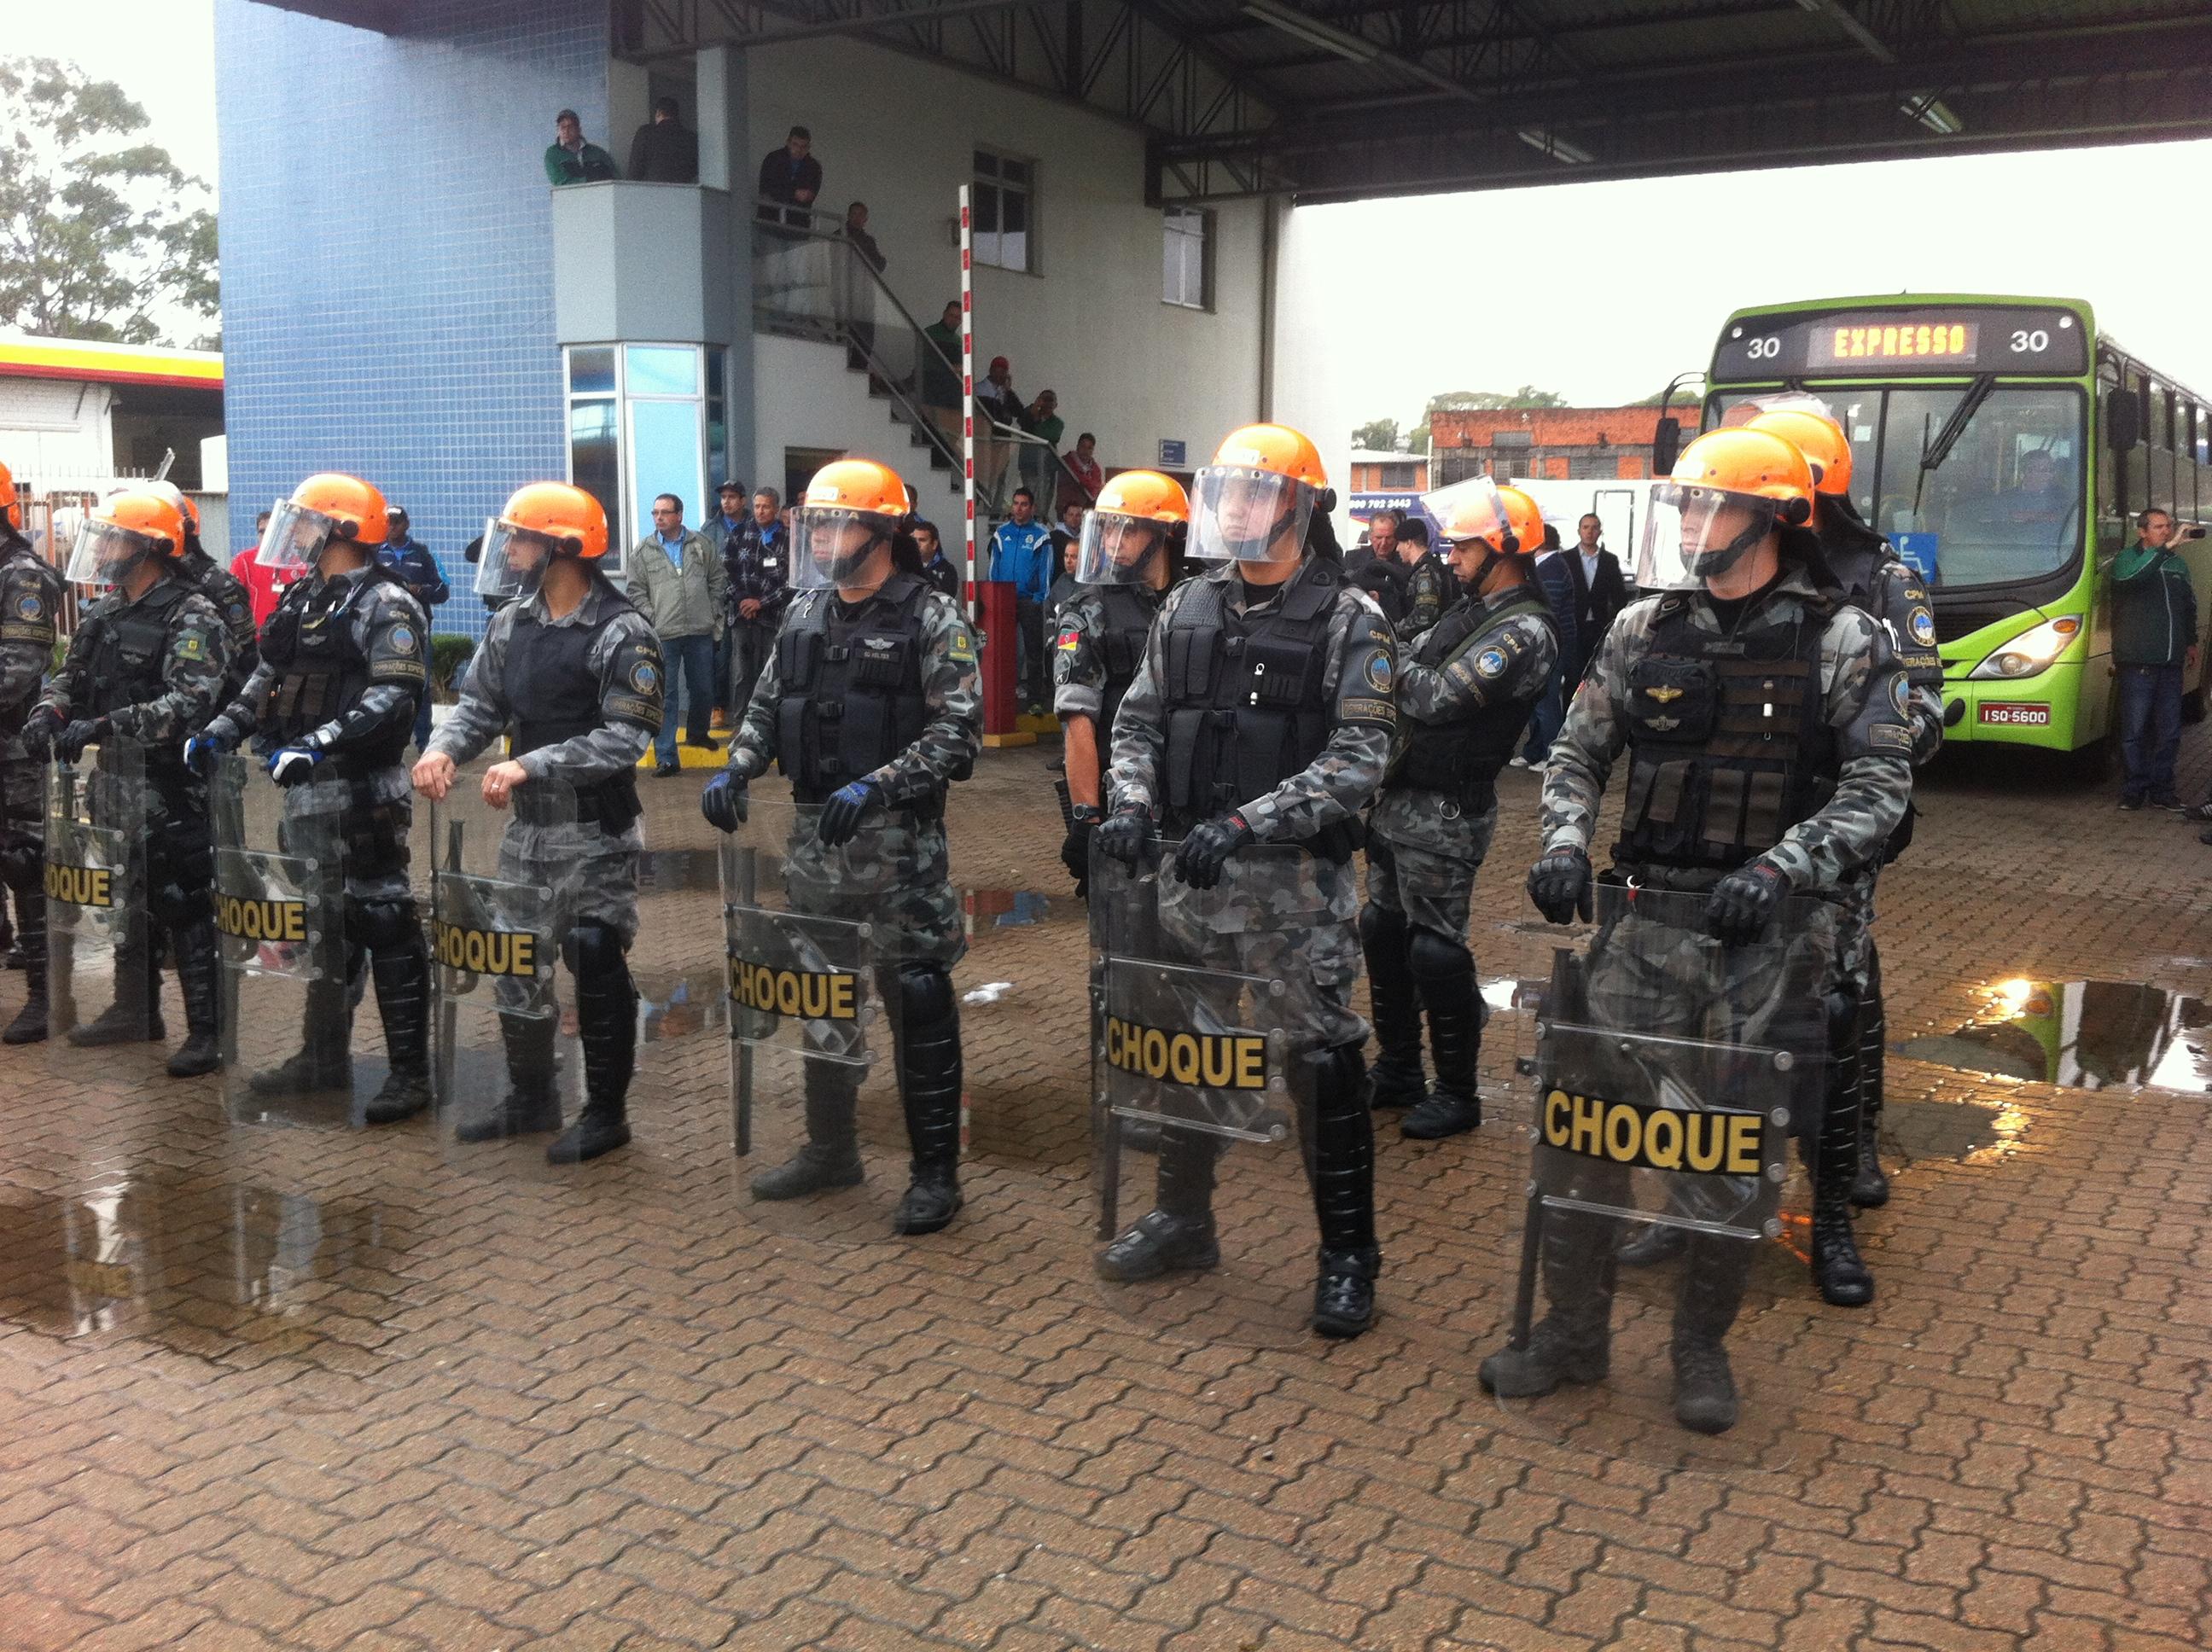 Tropa de Choque da Brigada Militar foi chamada para liberar portões (Diário Gaúcho/Débora Cademartori)